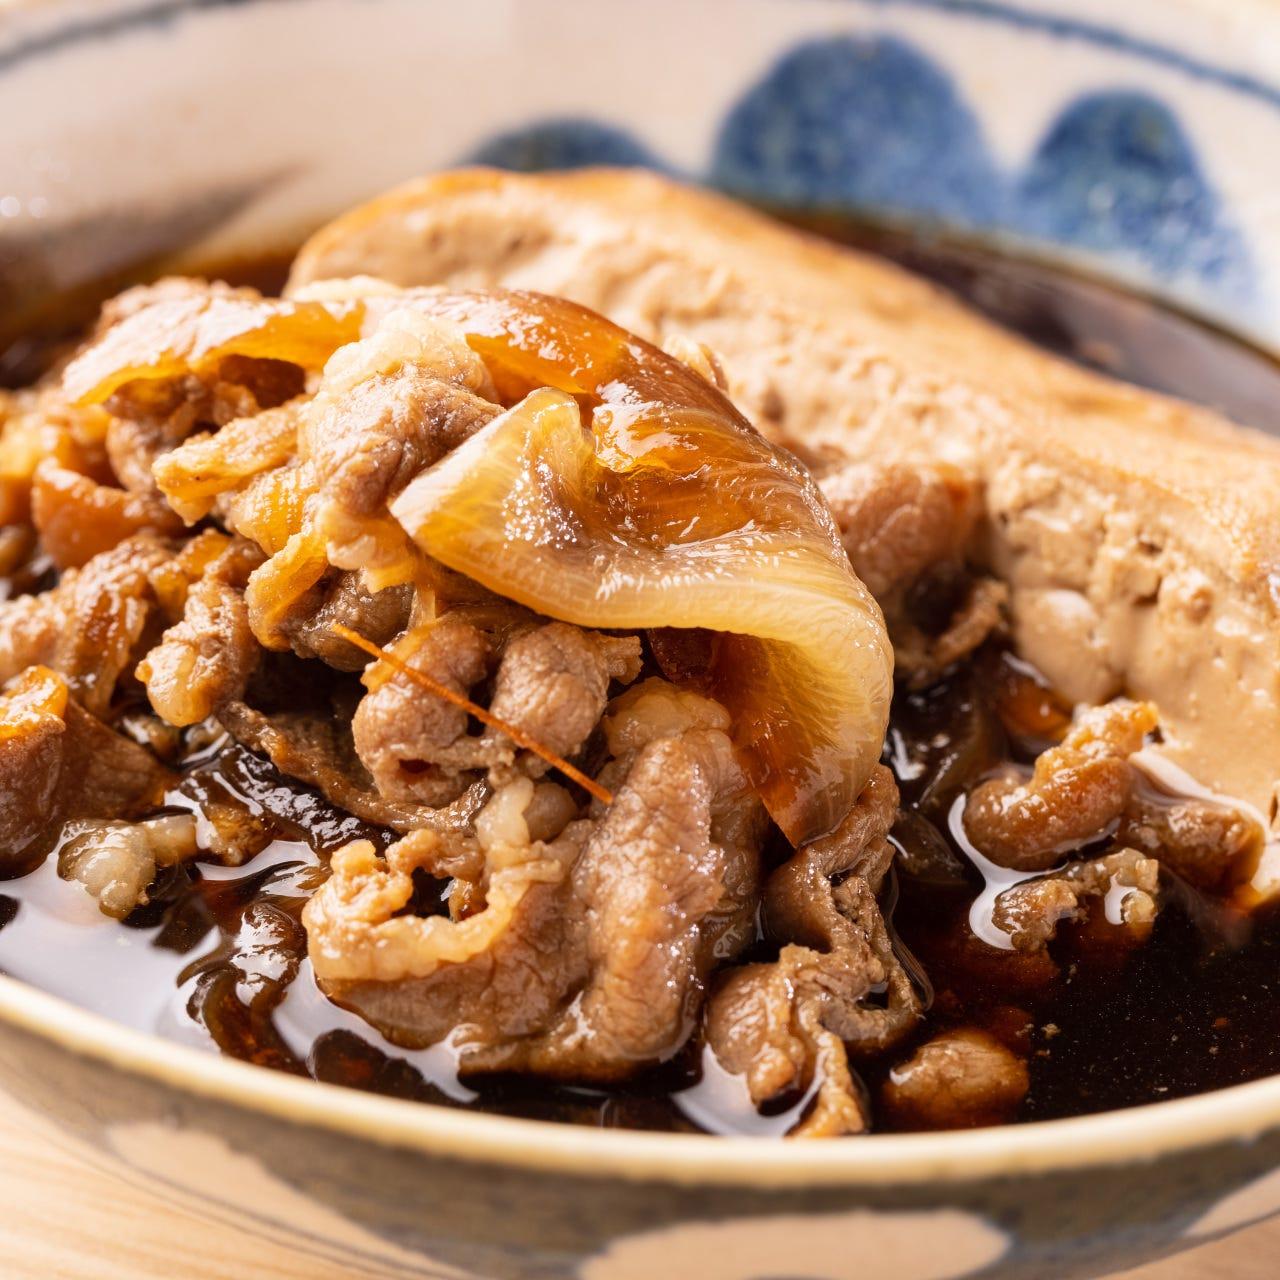 味をリニューアル!見た目と味のギャップも楽しめる肉豆腐。